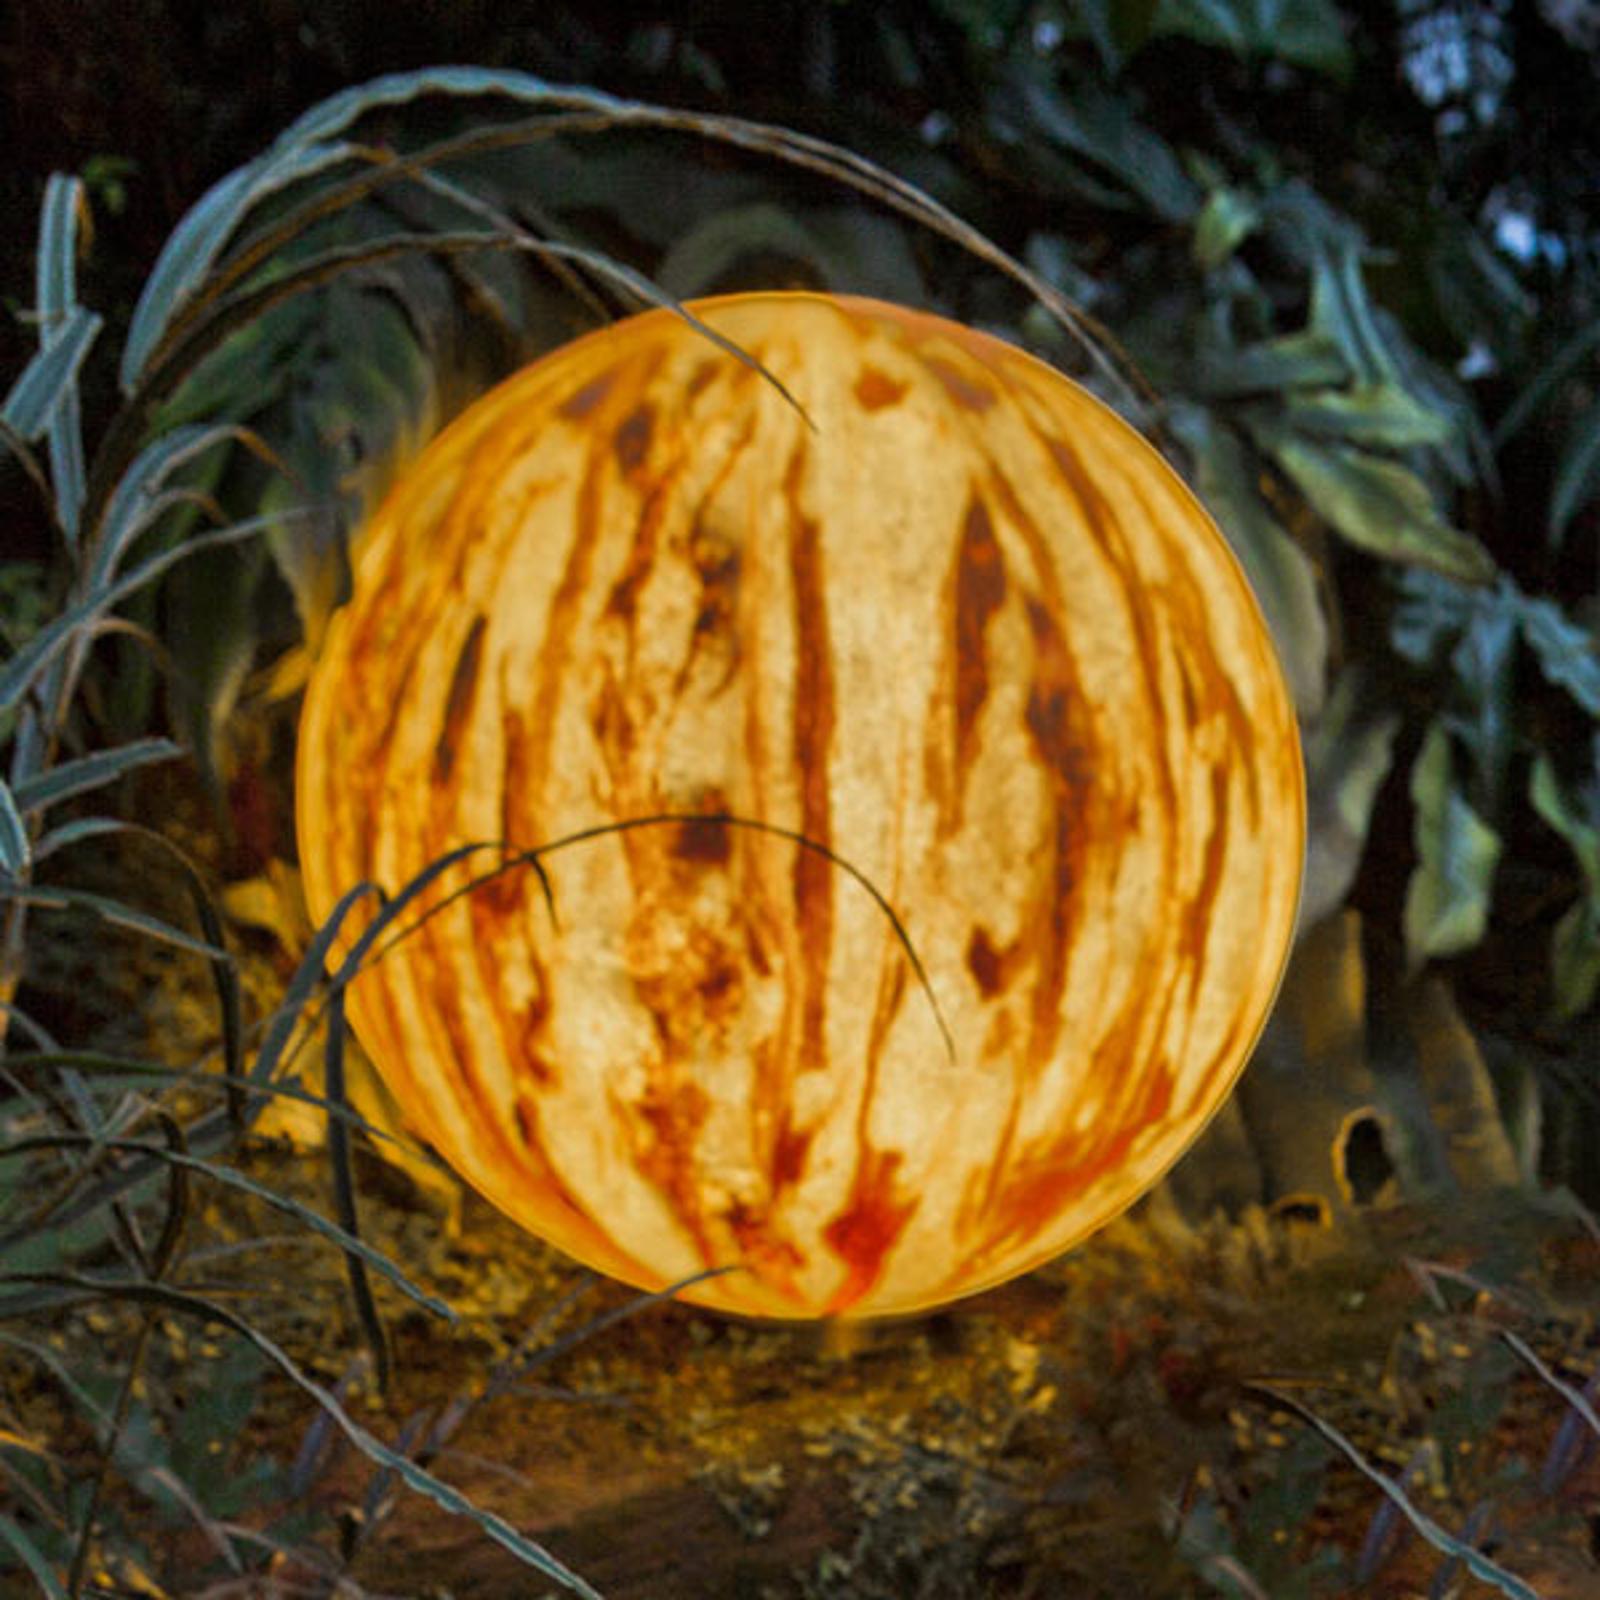 Piaskowiec - kula LED Sahara z akumulatorem, 20cm